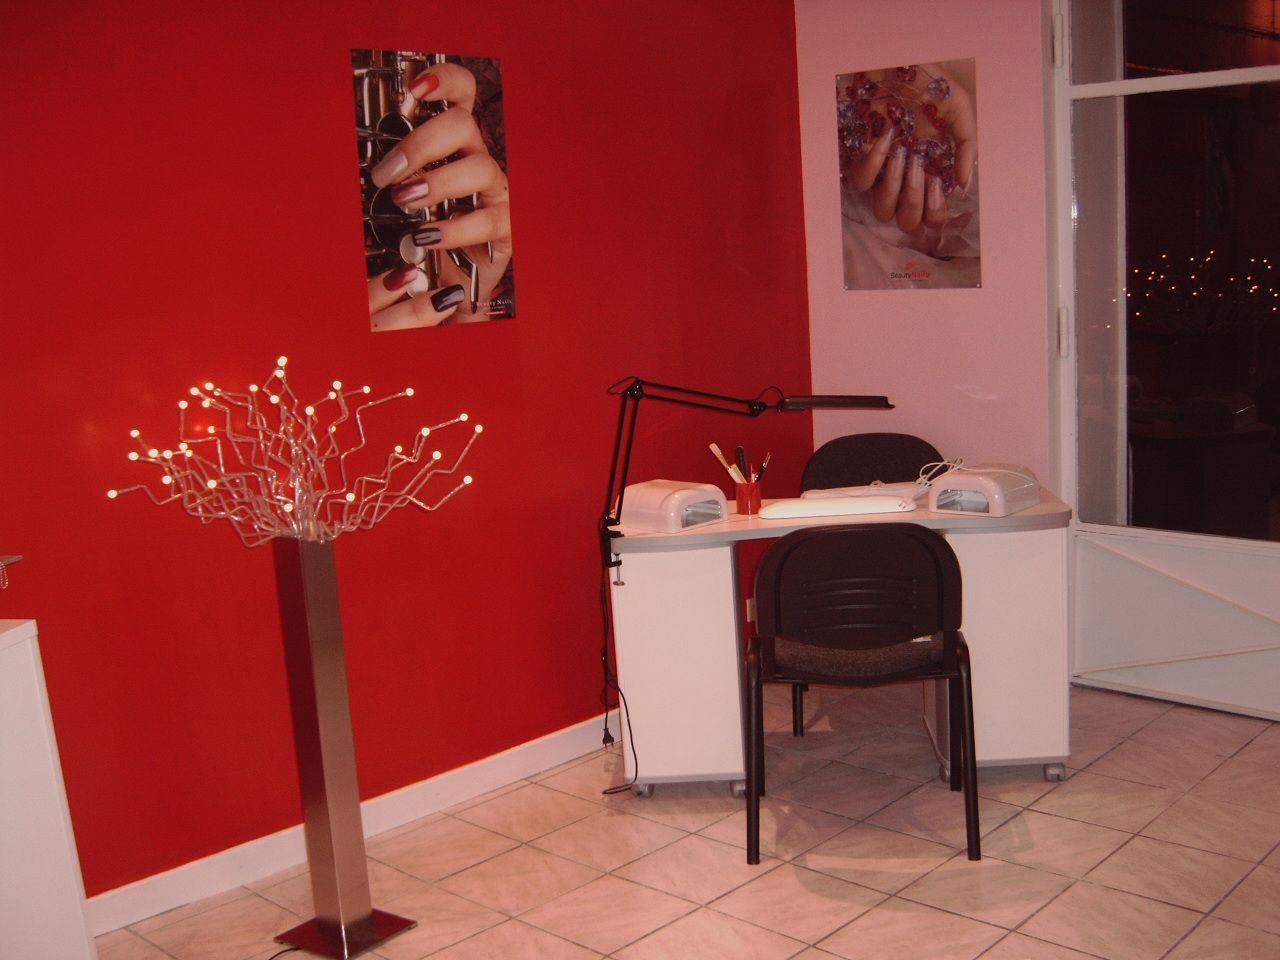 Photo de mon institut de beaut et des poses d 39 ongles bonne visite a tous et laissez vos - Deco institut de beaute ...